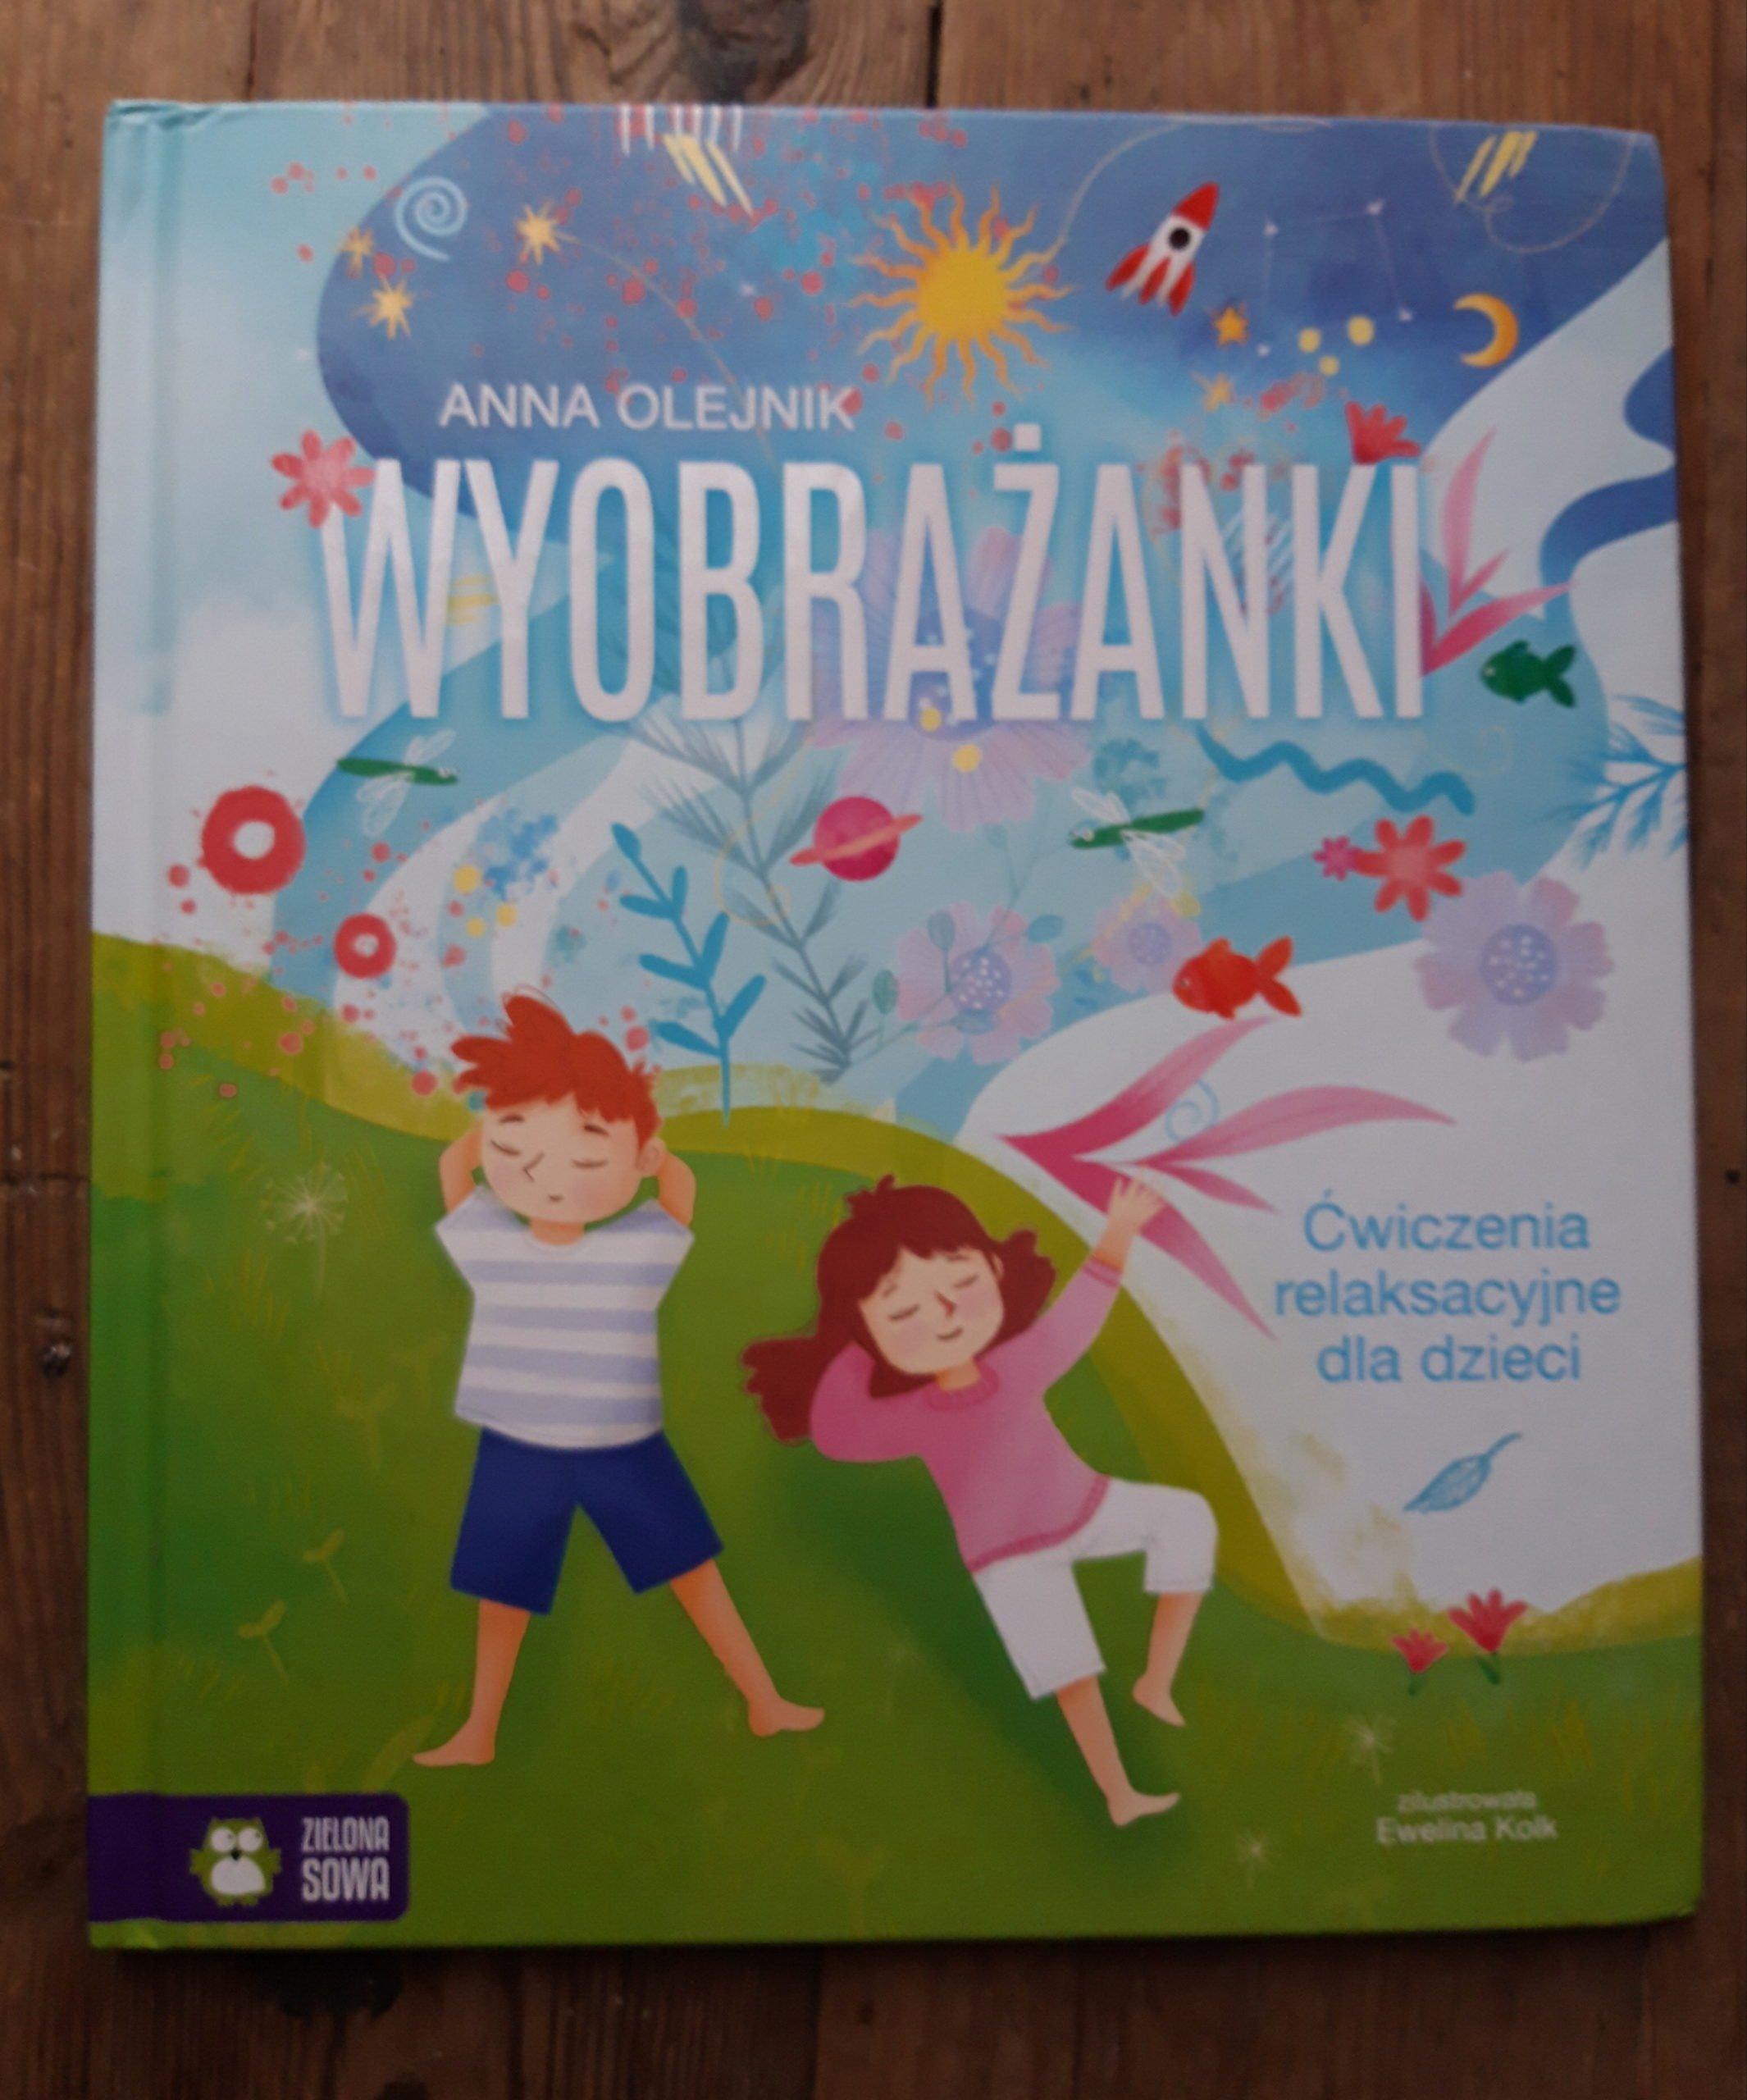 Wyobrażanki recenzja książki dla dzieci z ćwiczeniami relaksacyjnymi